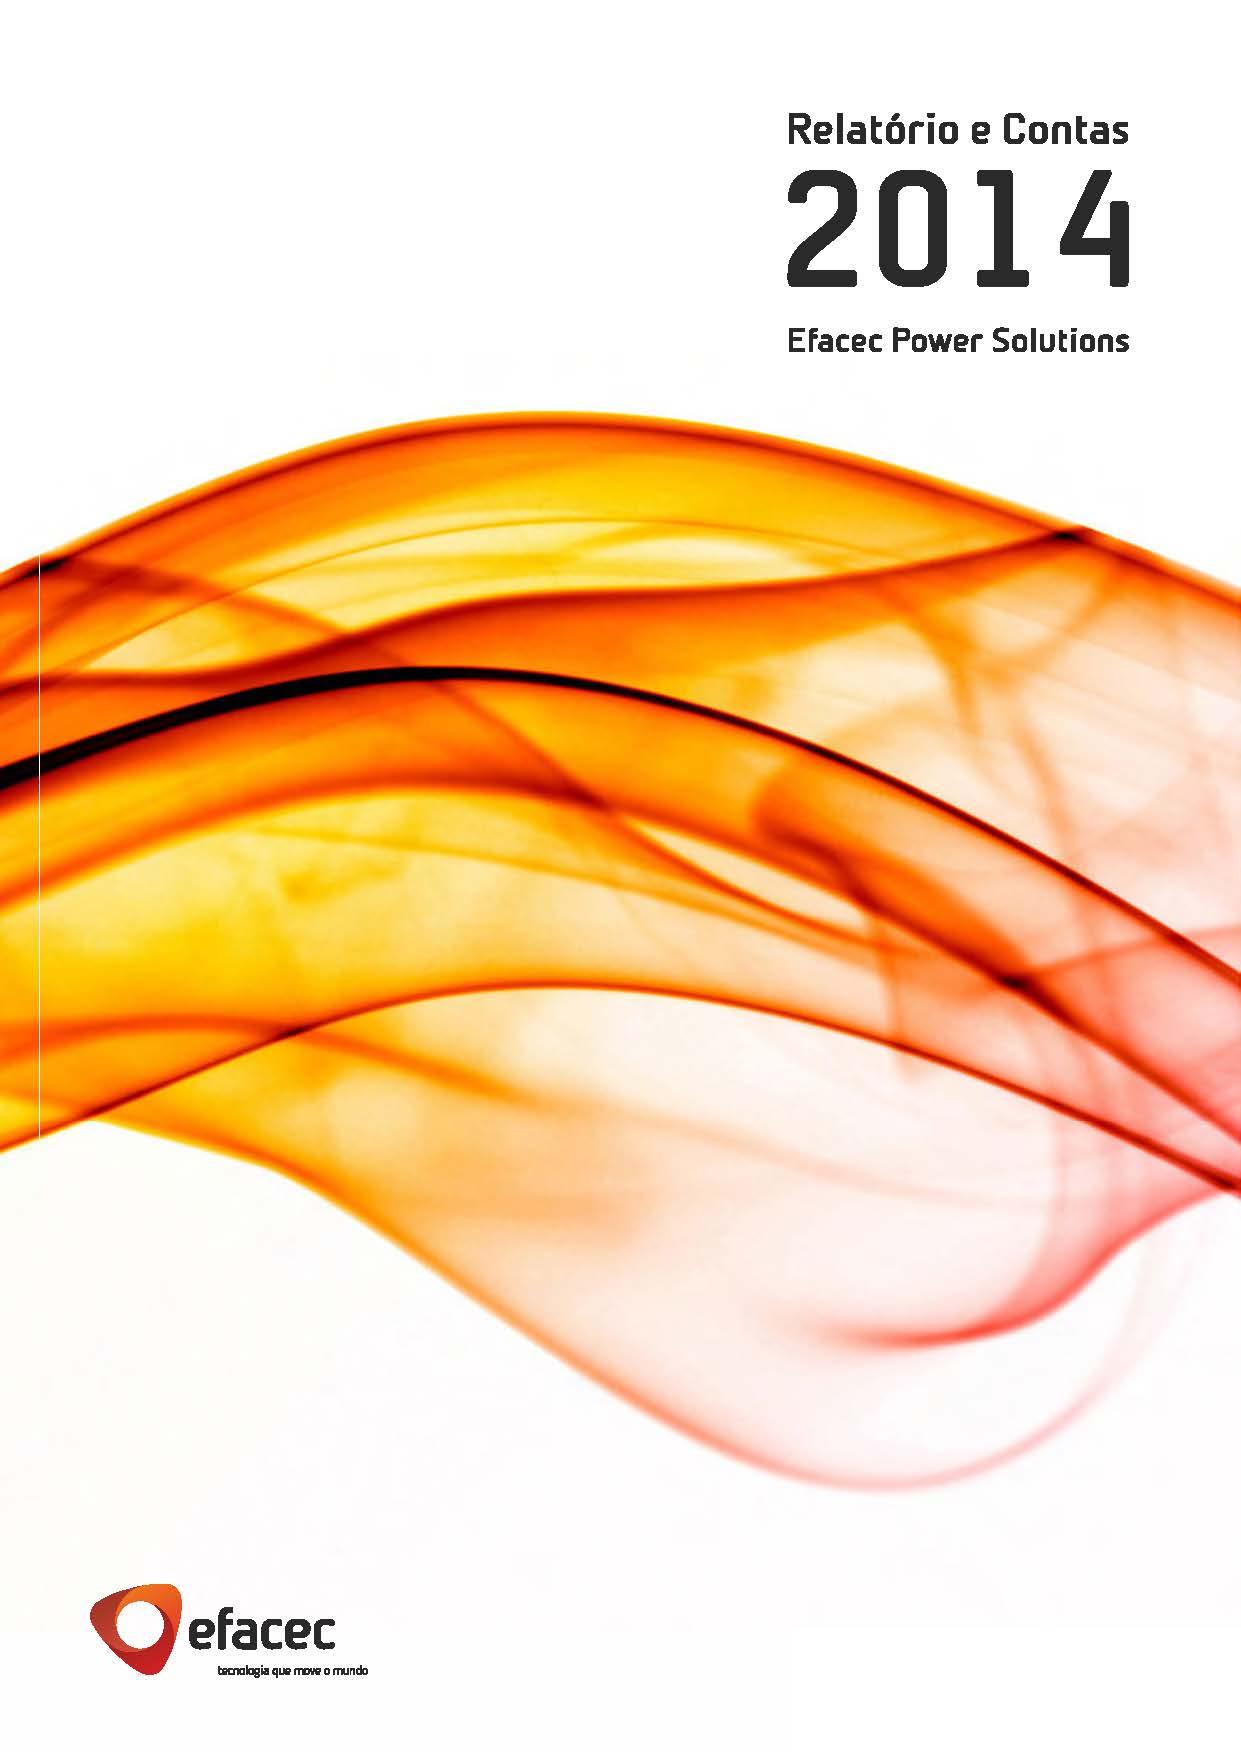 Relatório e Contas 2014 - Capa